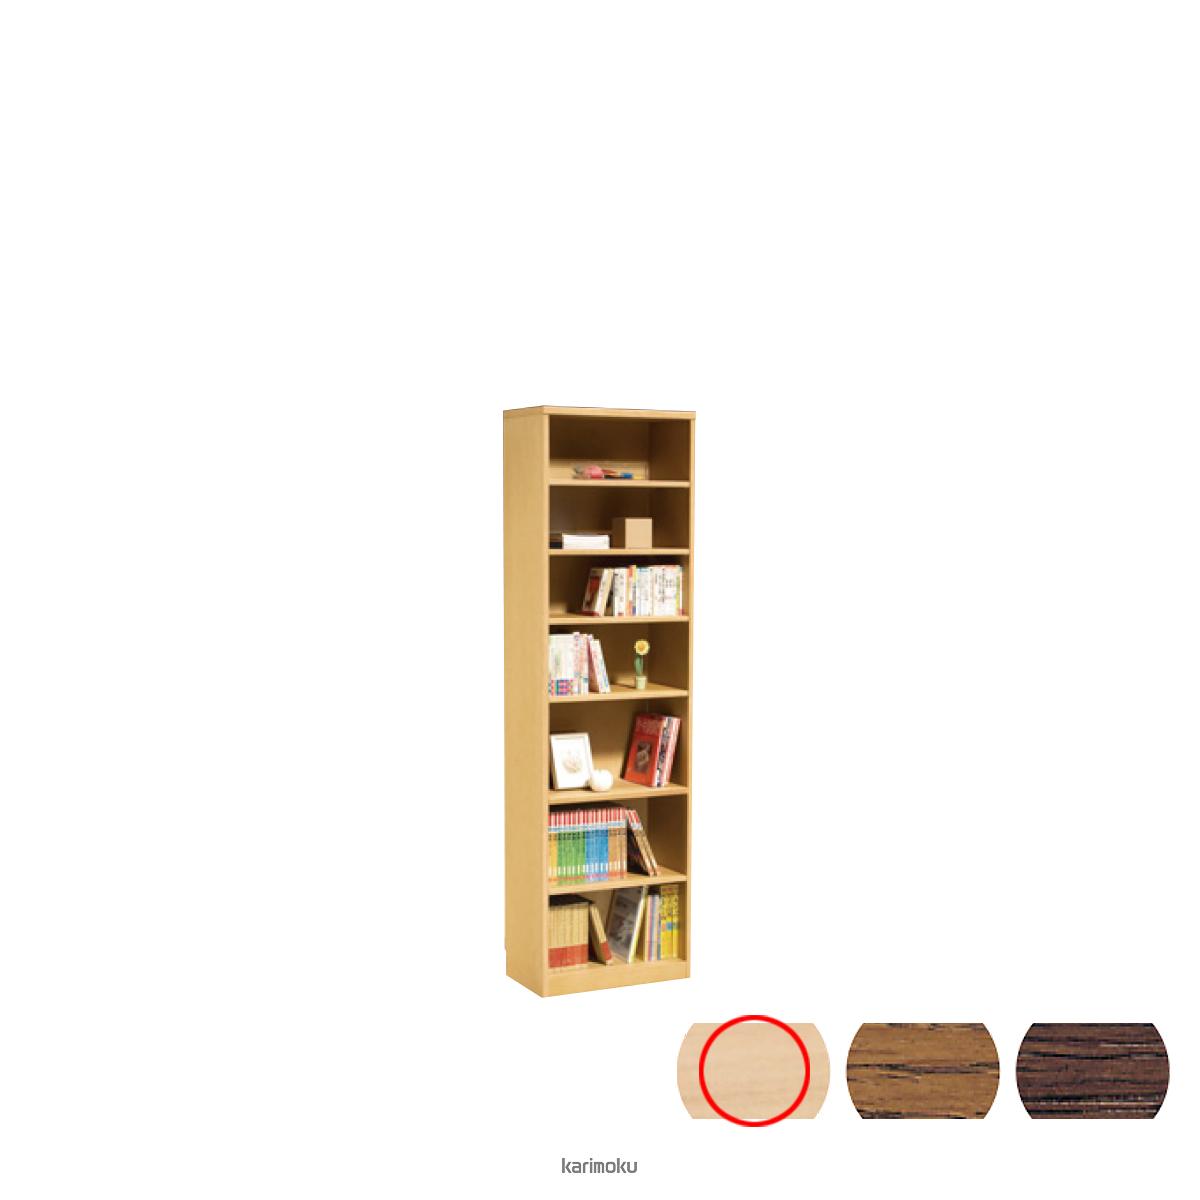 カリモク 書棚 HU2405 [背板付き書棚] (ピュアオーク色)【全国送料無料】【同梱不可】【店頭受取対応商品】